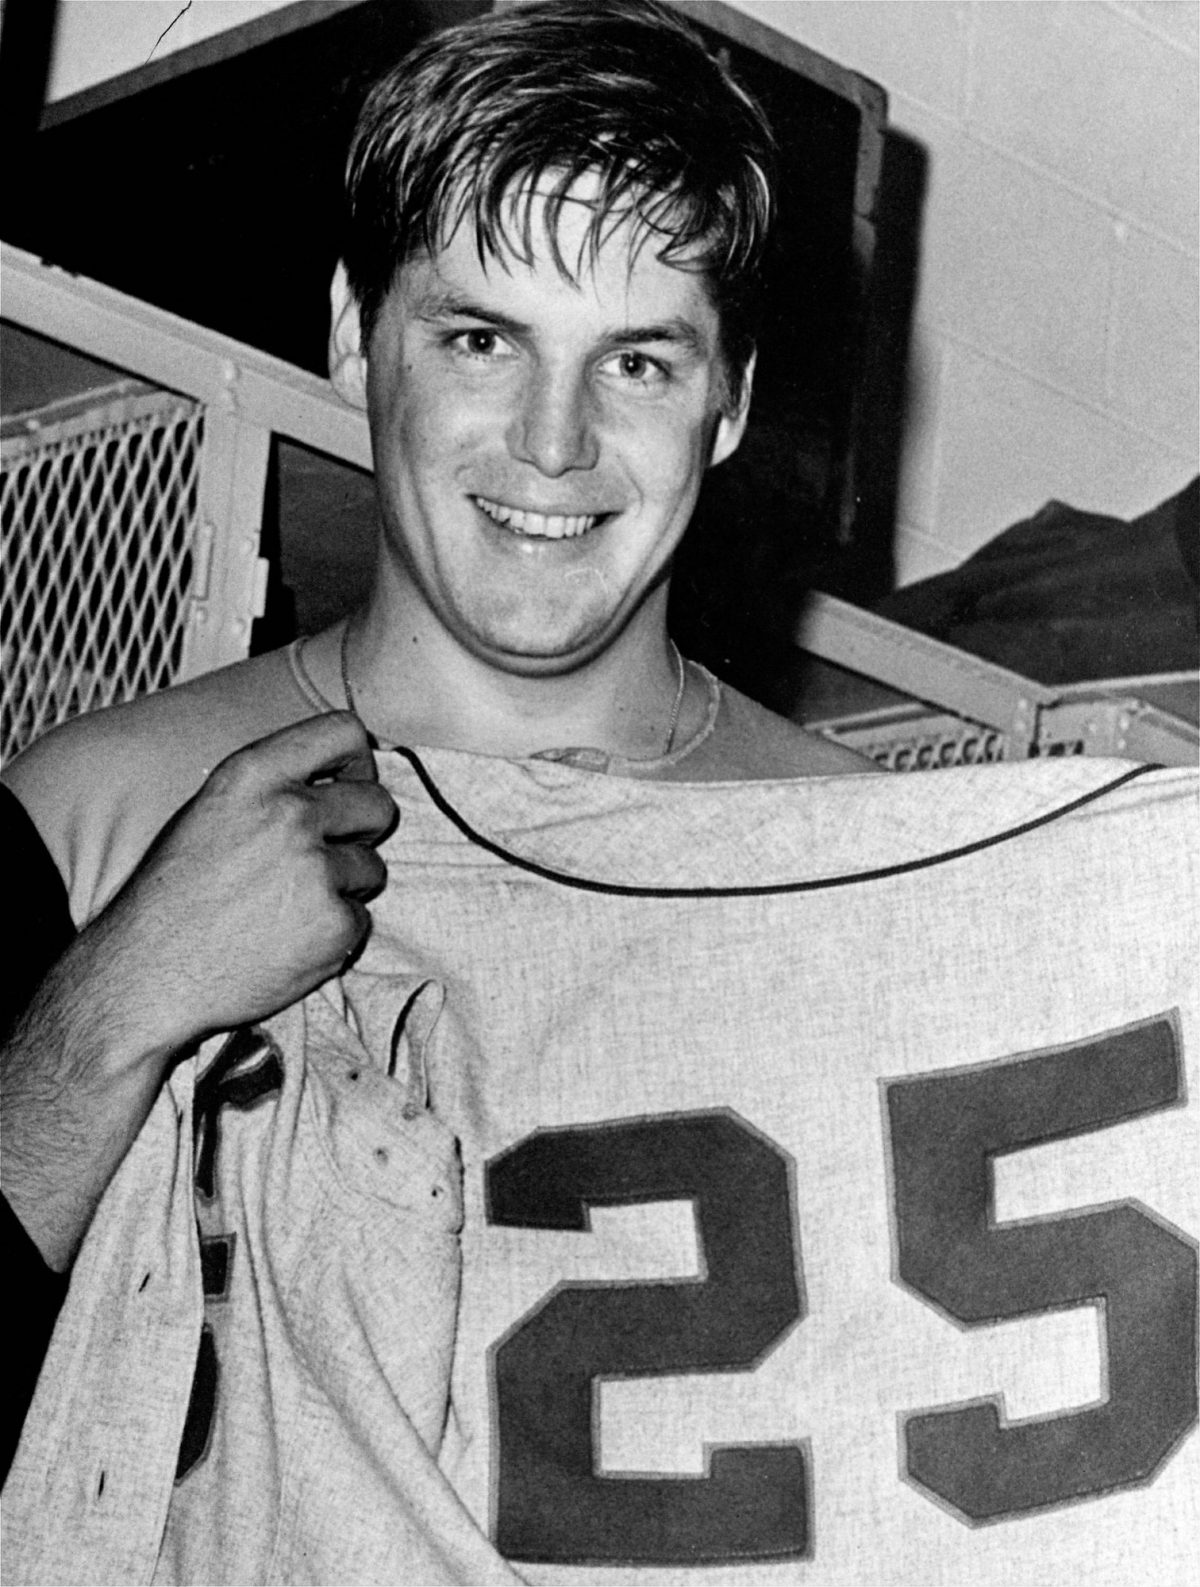 Tom Seaver in 1969